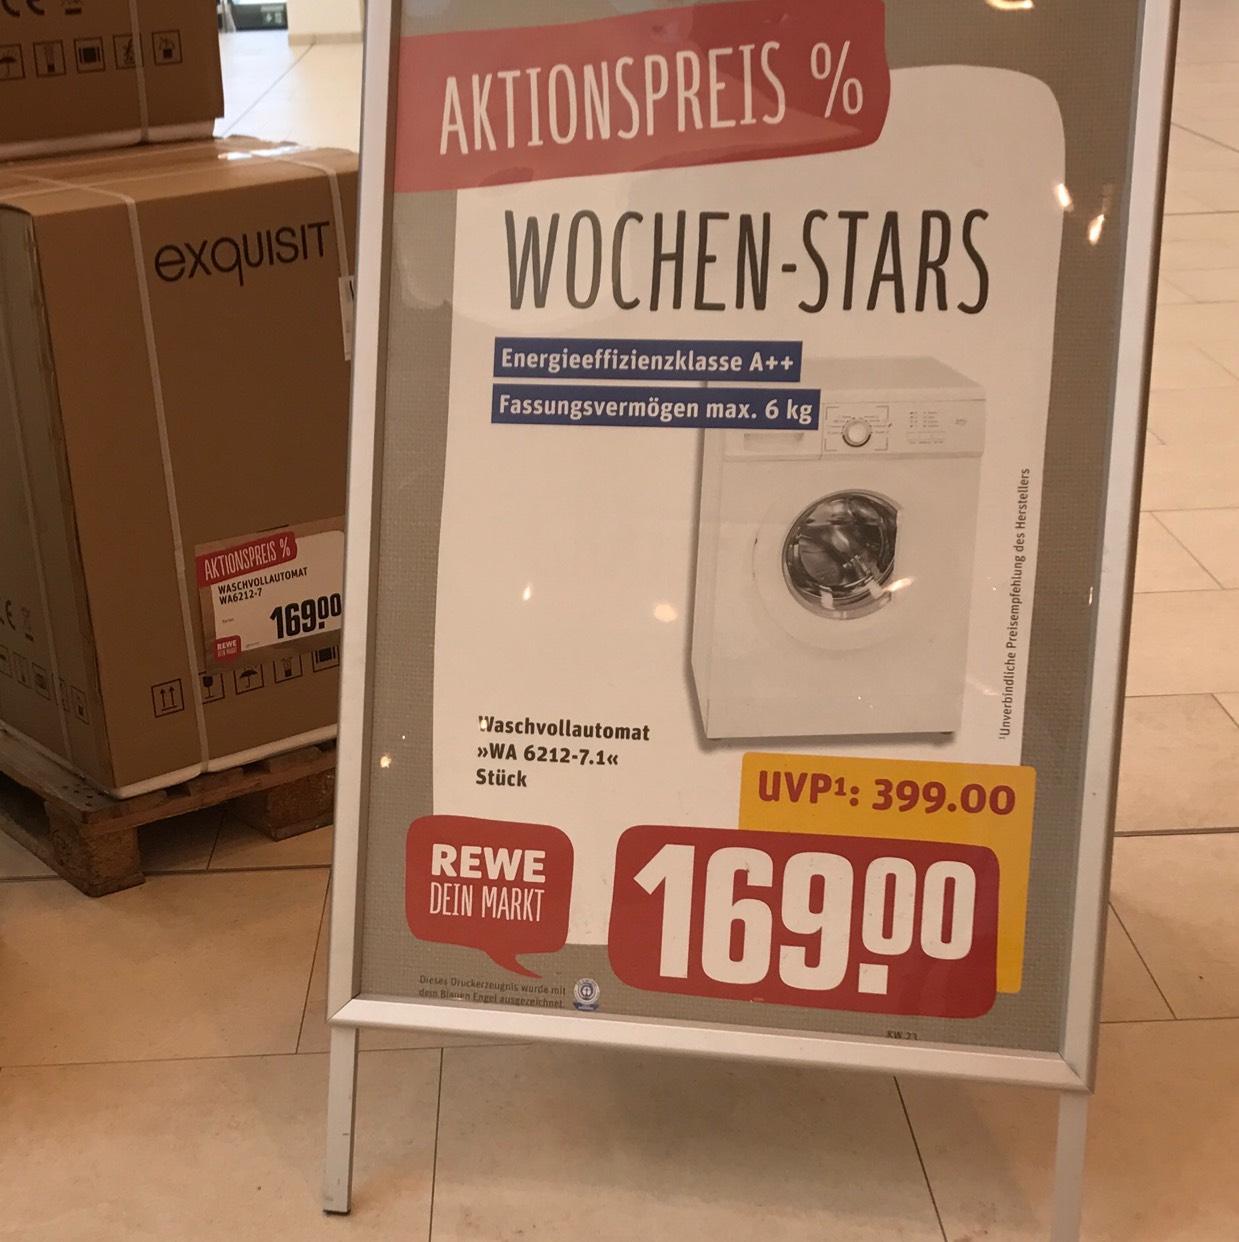 [Lokal Nürnberg im Rewe] Waschmaschine Exquisit A++ max. 6kg